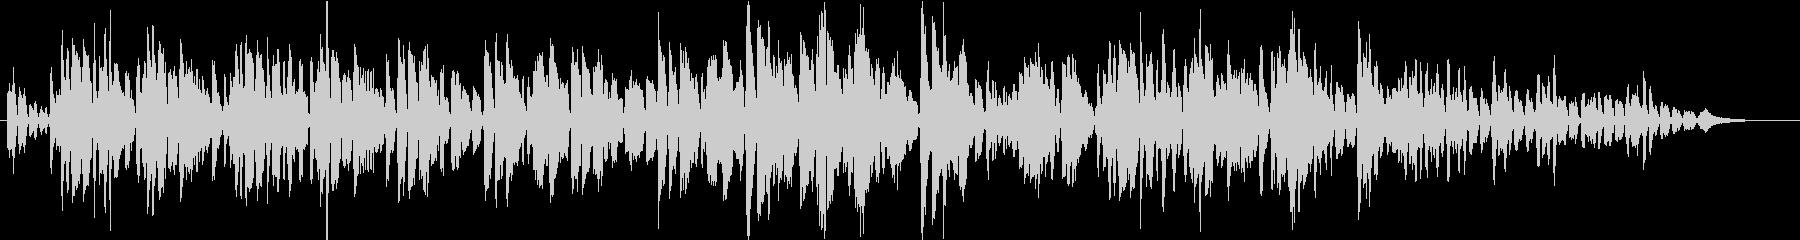 シューベルト「楽興の時」チェロ編曲の未再生の波形